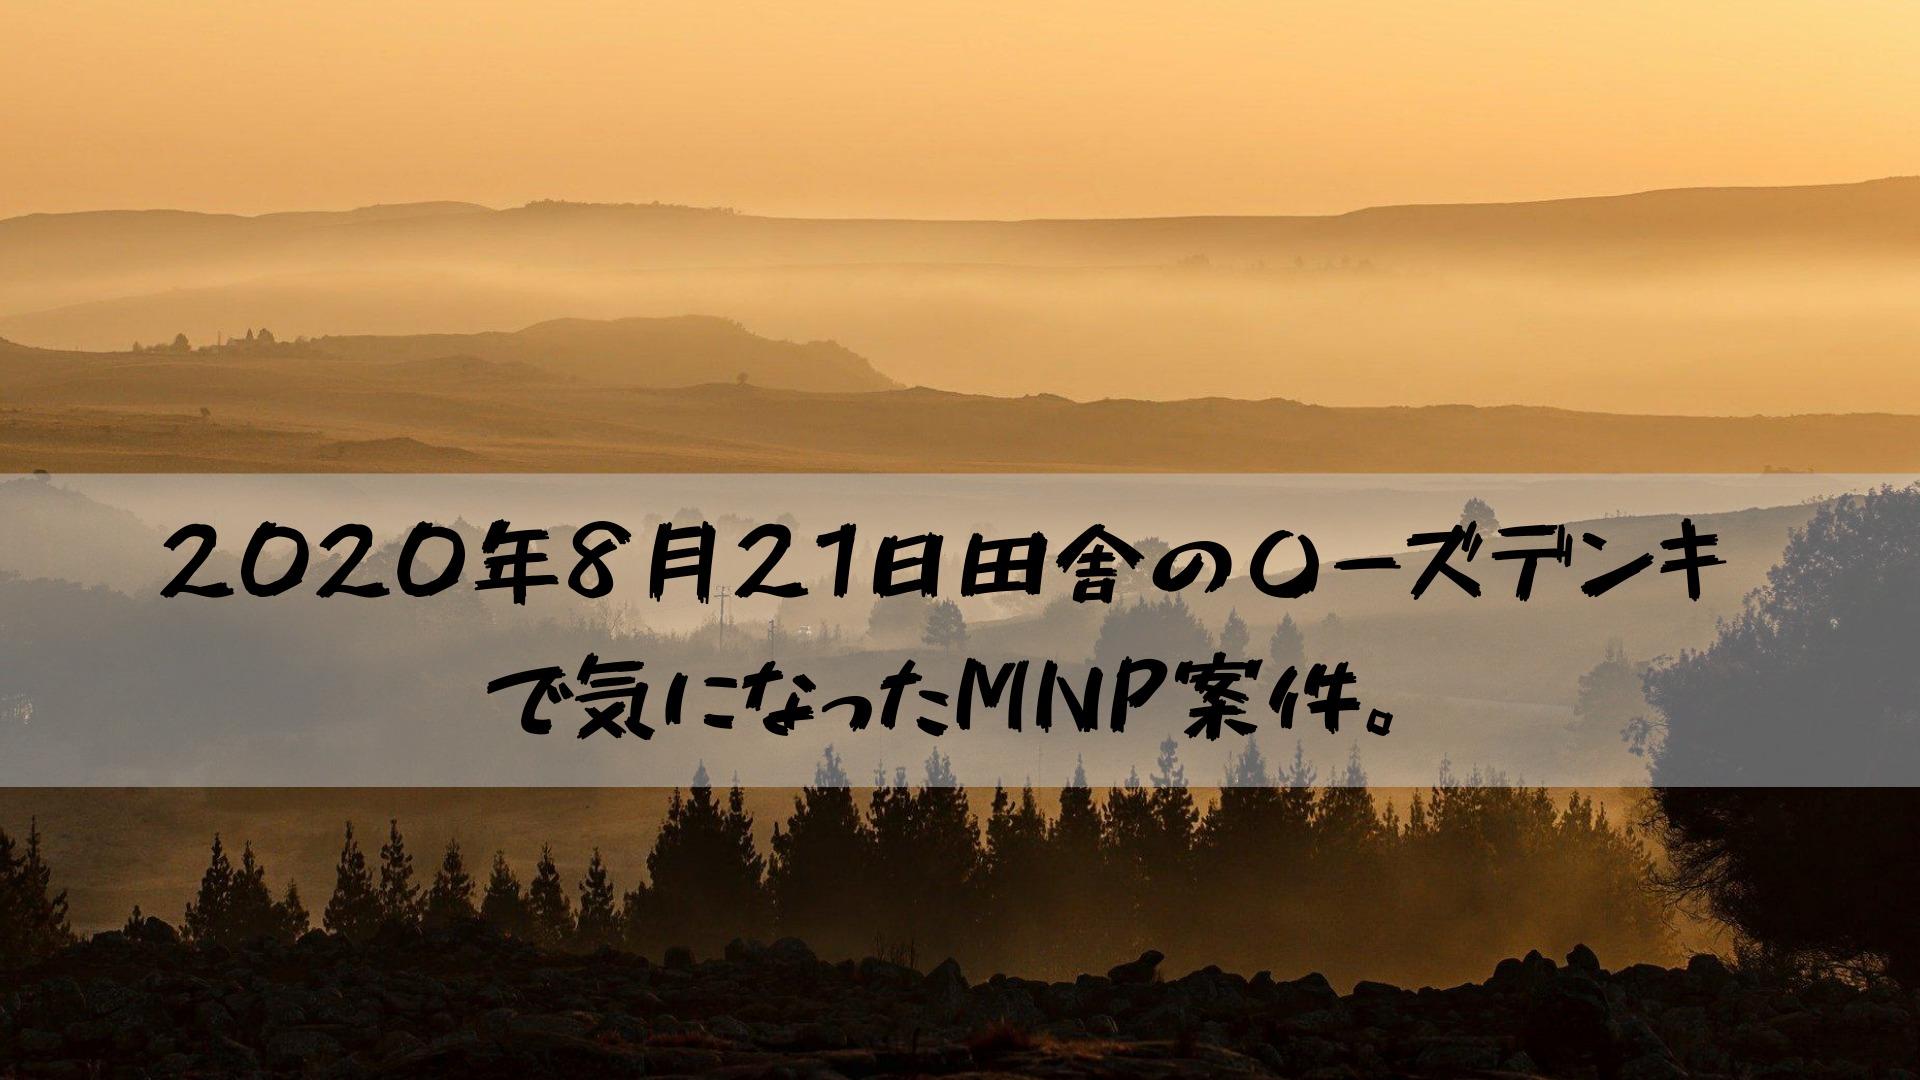 2020年8月21日田舎の〇ーズデンキで気になったMNP案件。